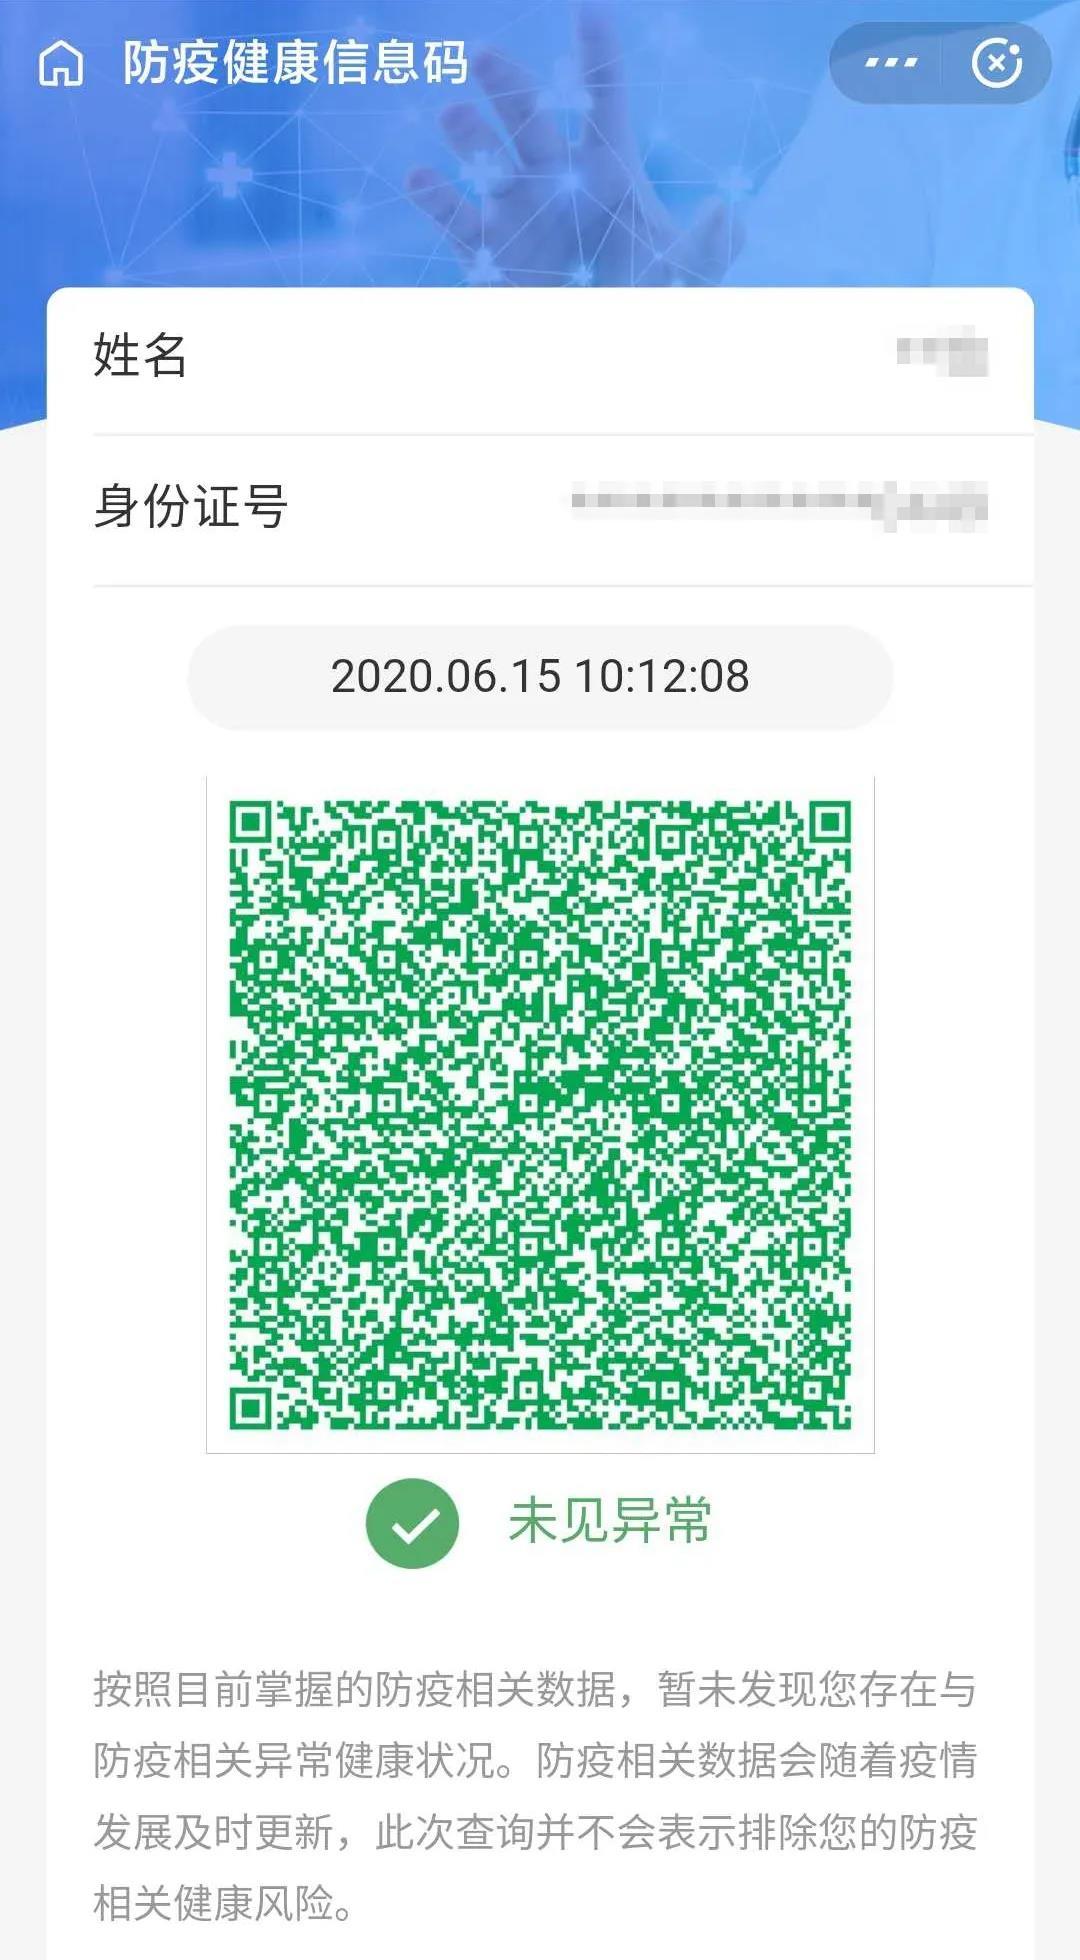 北京居民现在还能出京吗?去哪些地方需要隔离?一文看懂图片